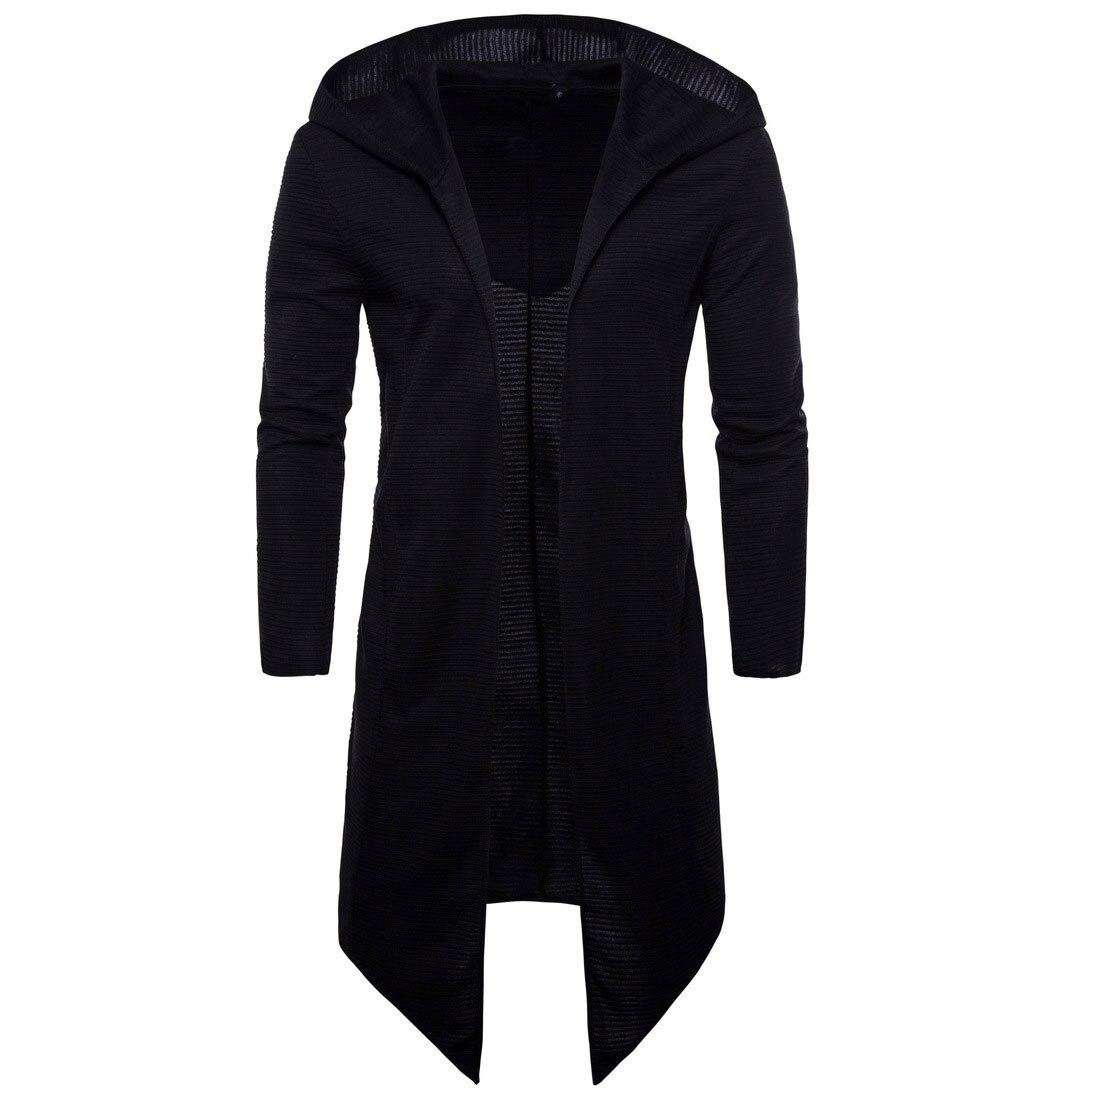 Männer Graben Mantel Frühjahr Mode Lange Fit Graben Mantel Männer Mantel